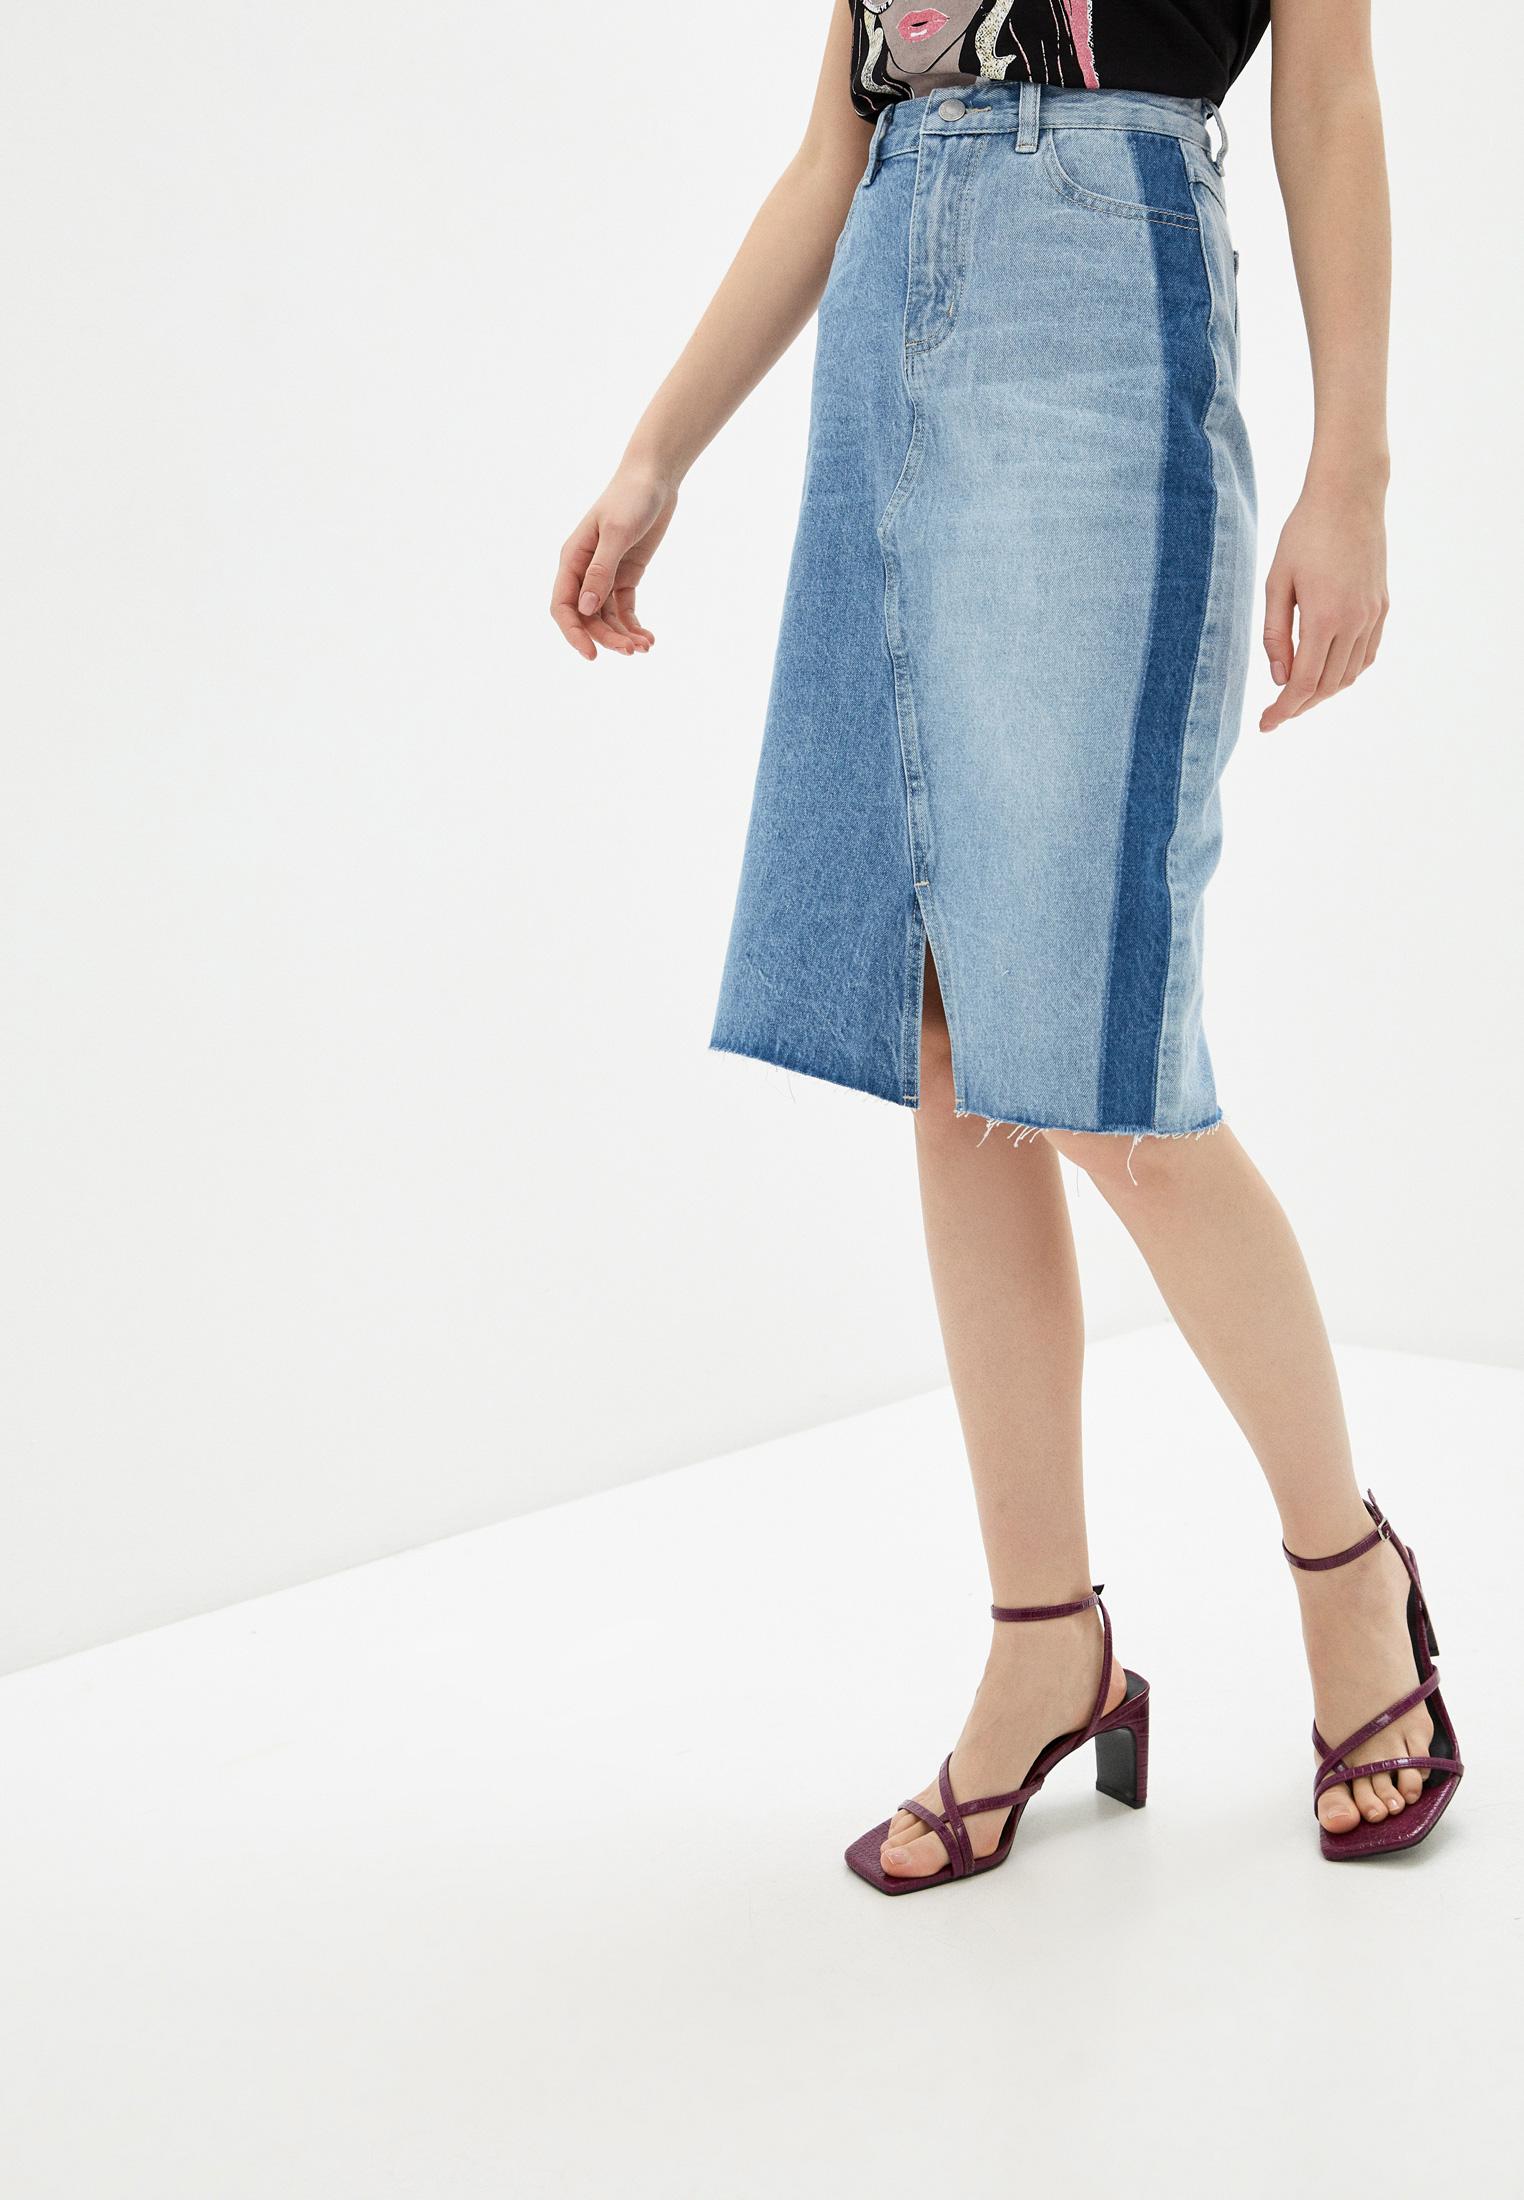 Джинсовая юбка Savage (Саваж) 015625/65